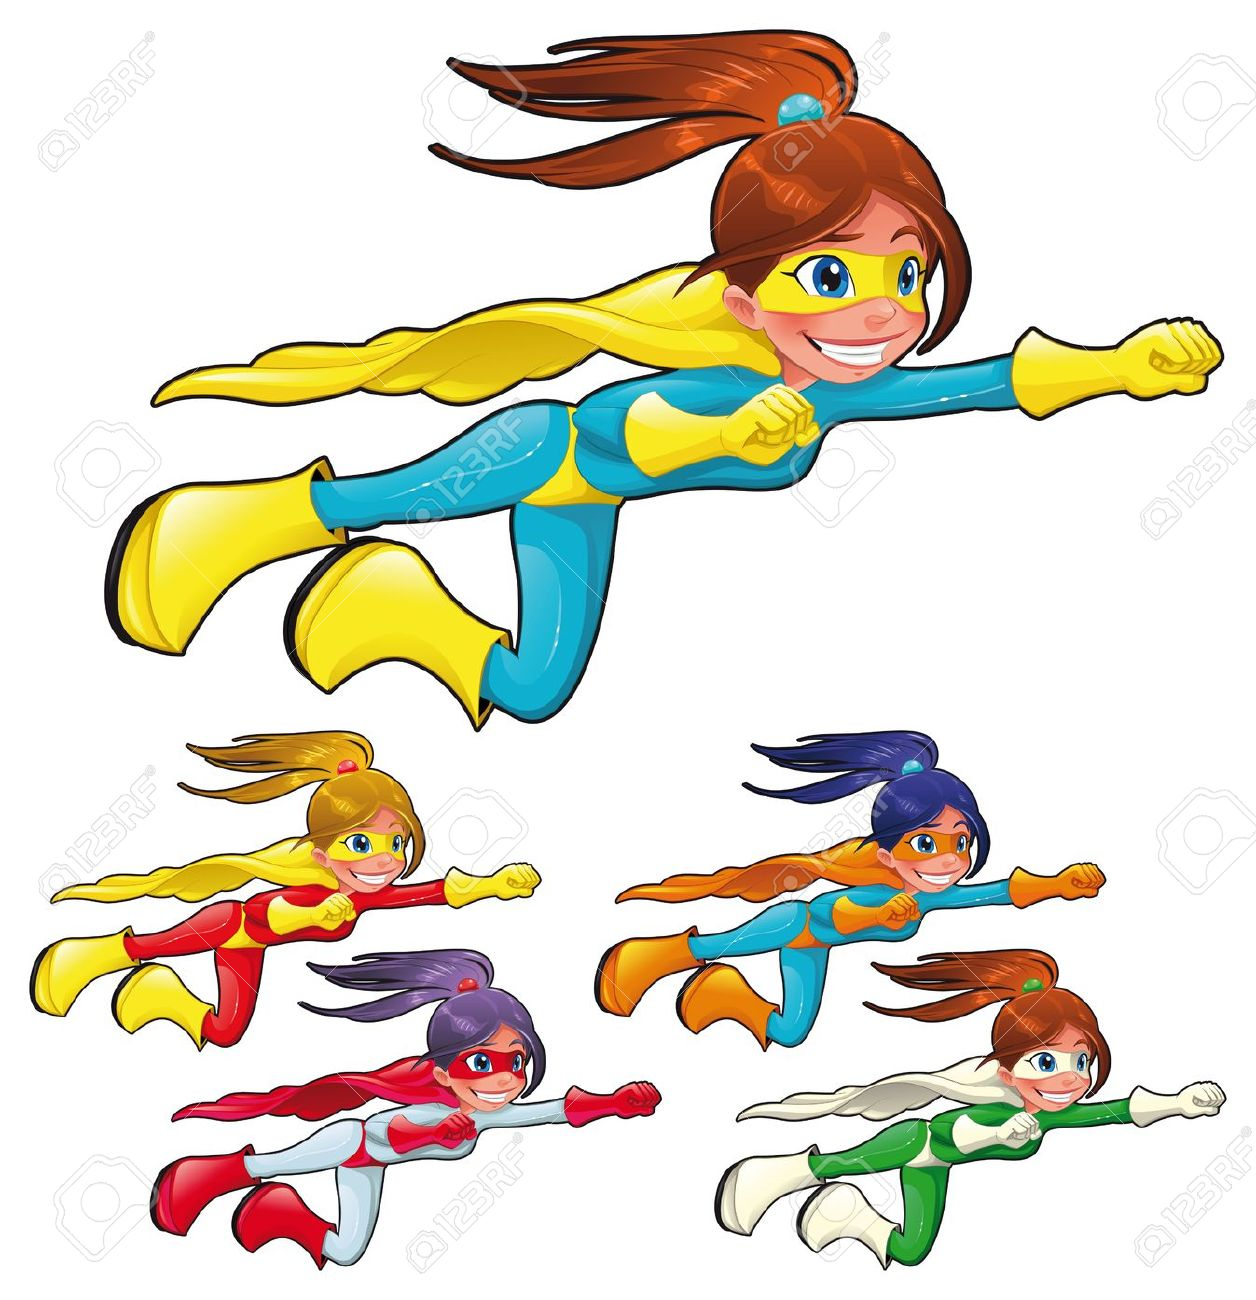 1256x1300 Cartoon Girl Superheroes